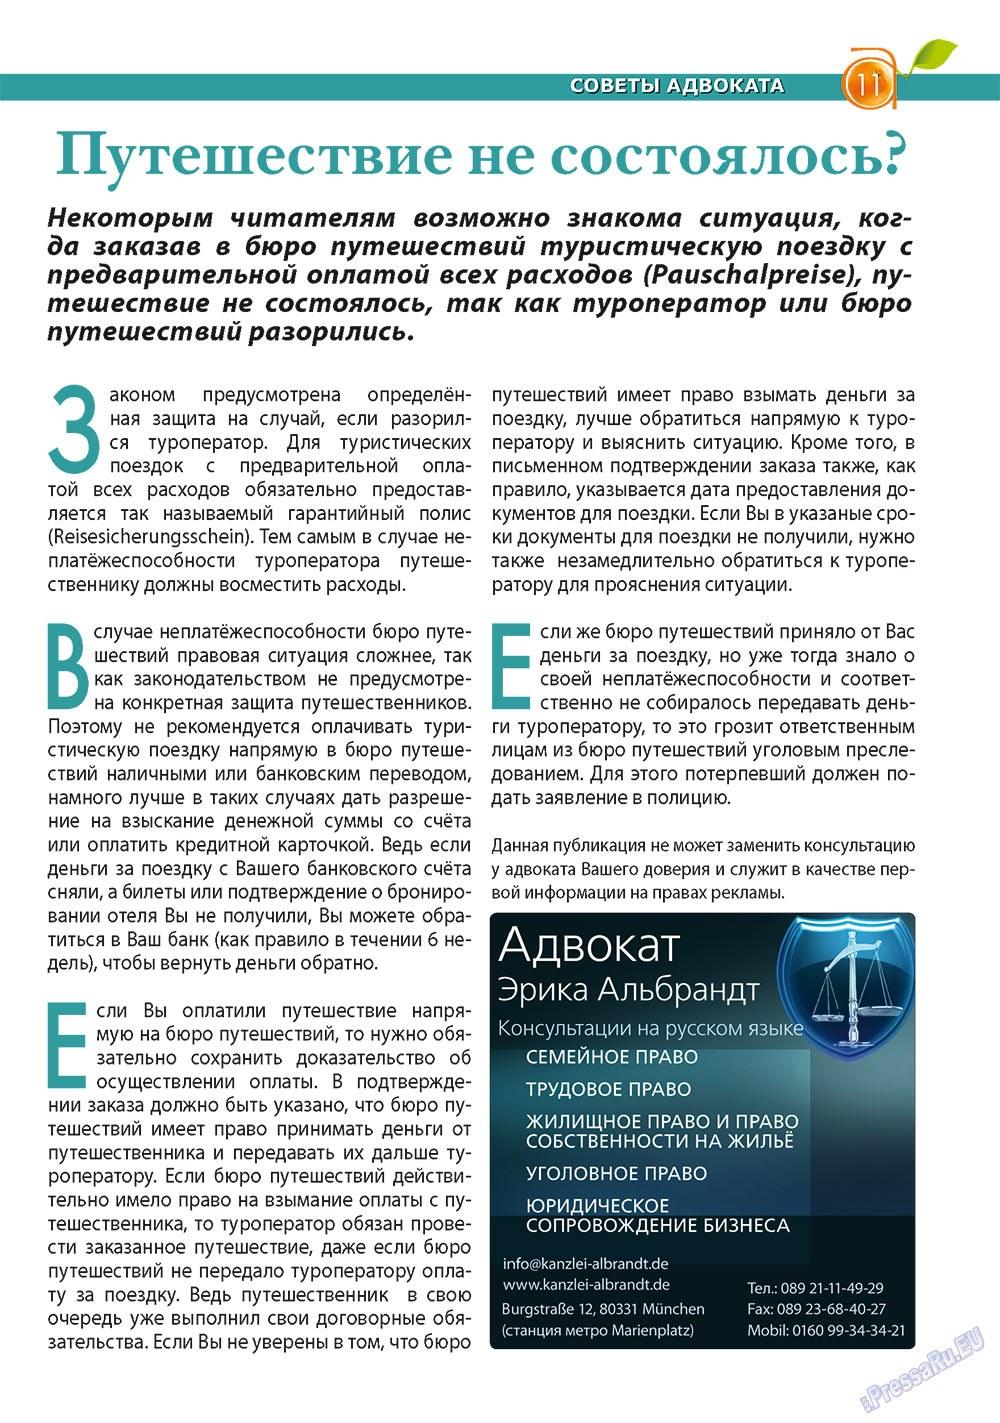 Апельсин (журнал). 2011 год, номер 28, стр. 11